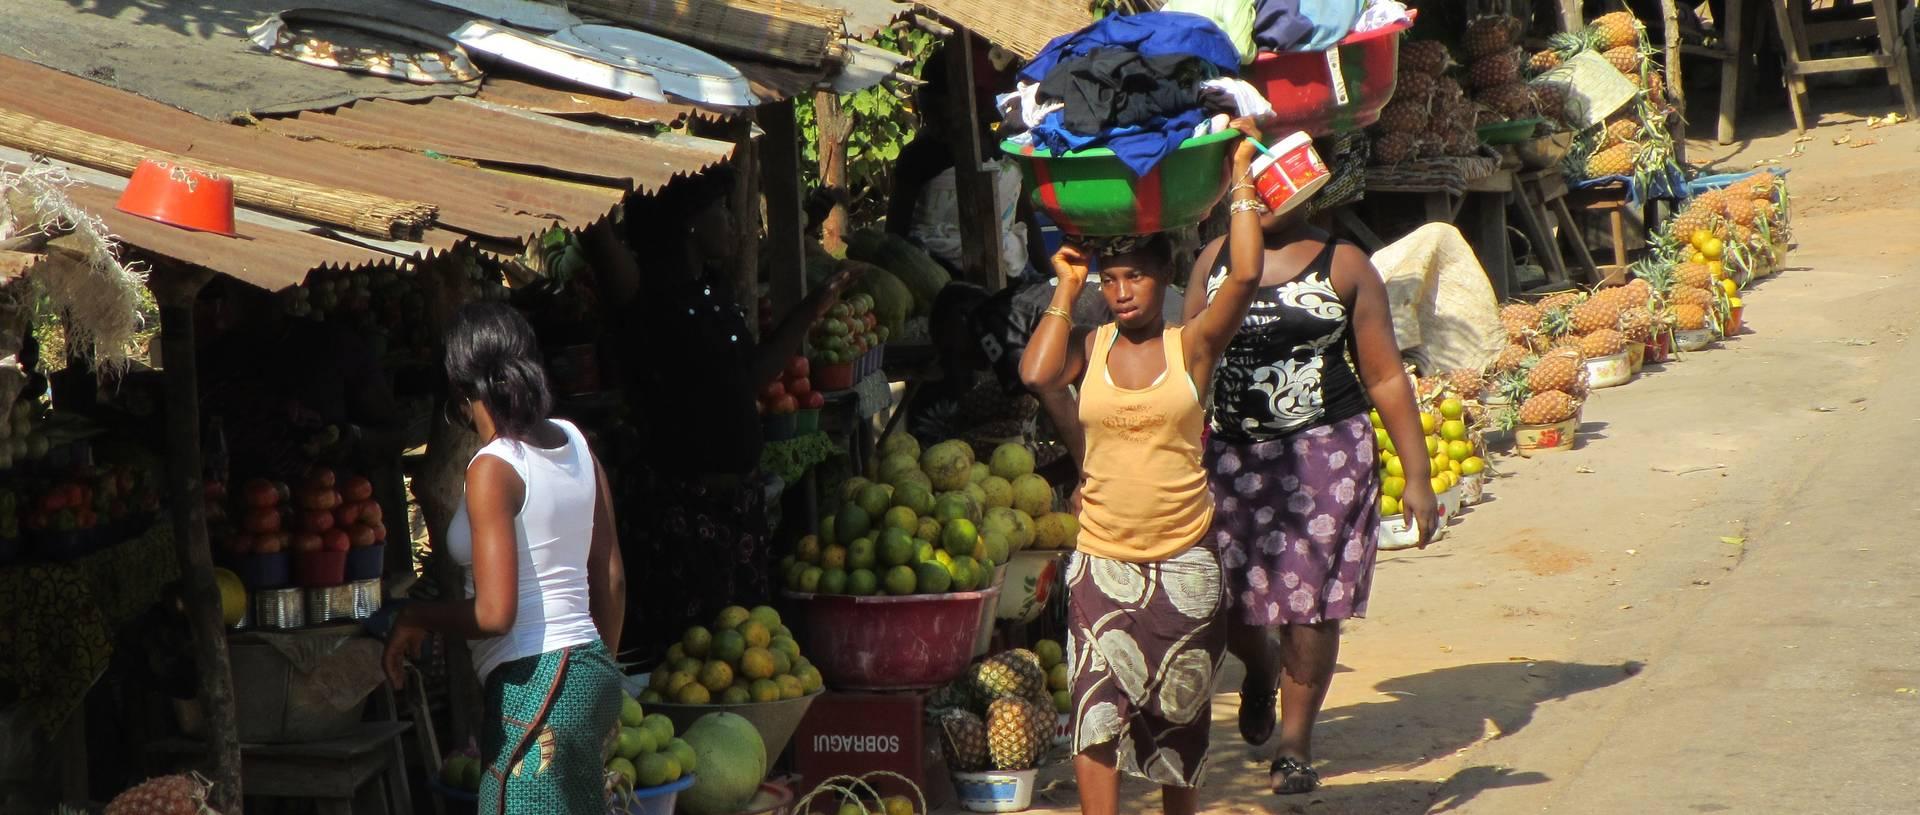 Street Market, Guinea